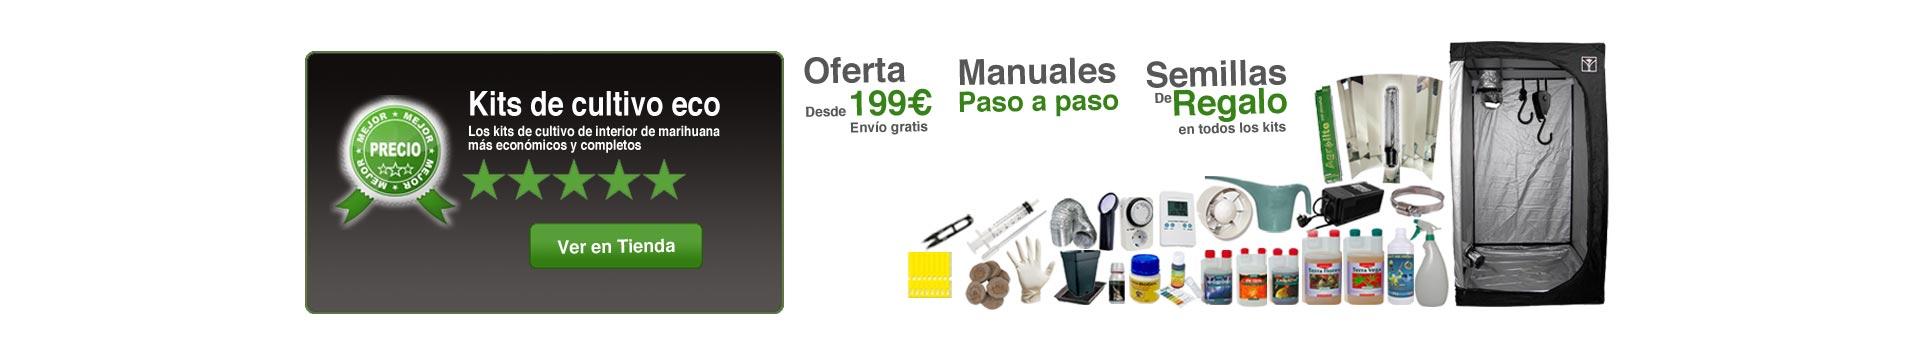 Kits de cultivo eco en oferta